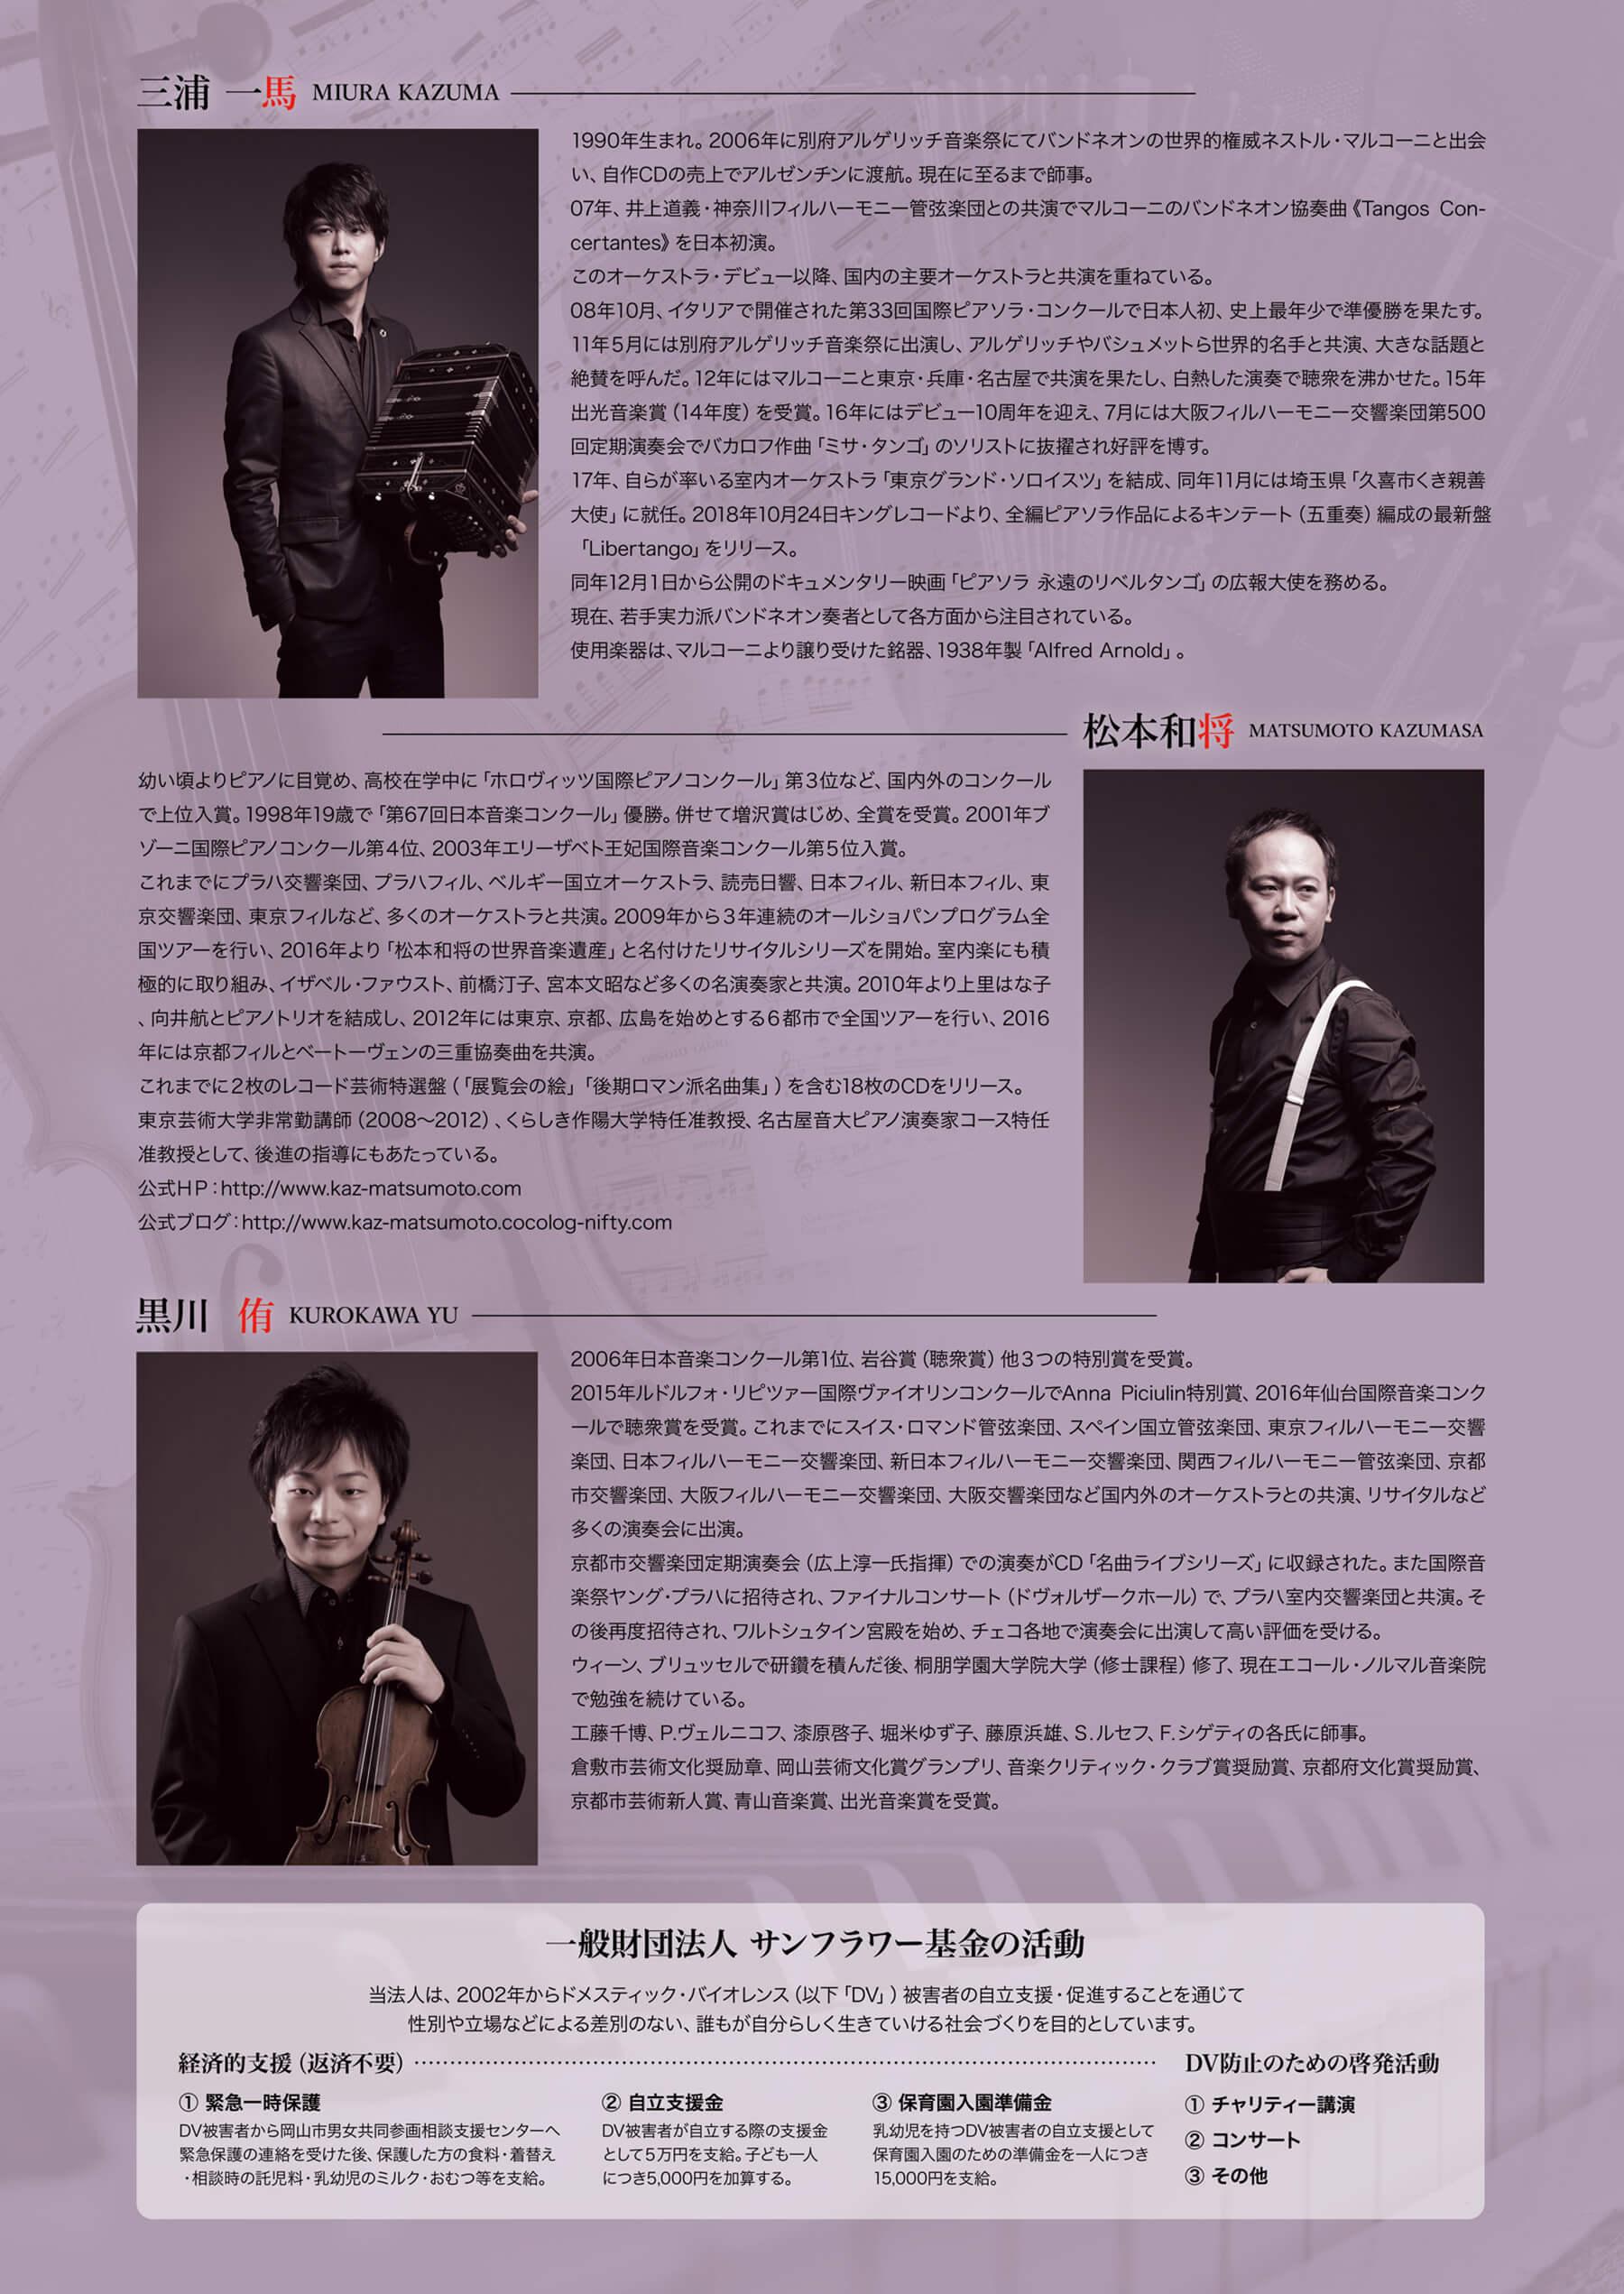 2019年6月29日ひまわりチャリティーコンサート 【魅惑の宵】:裏面